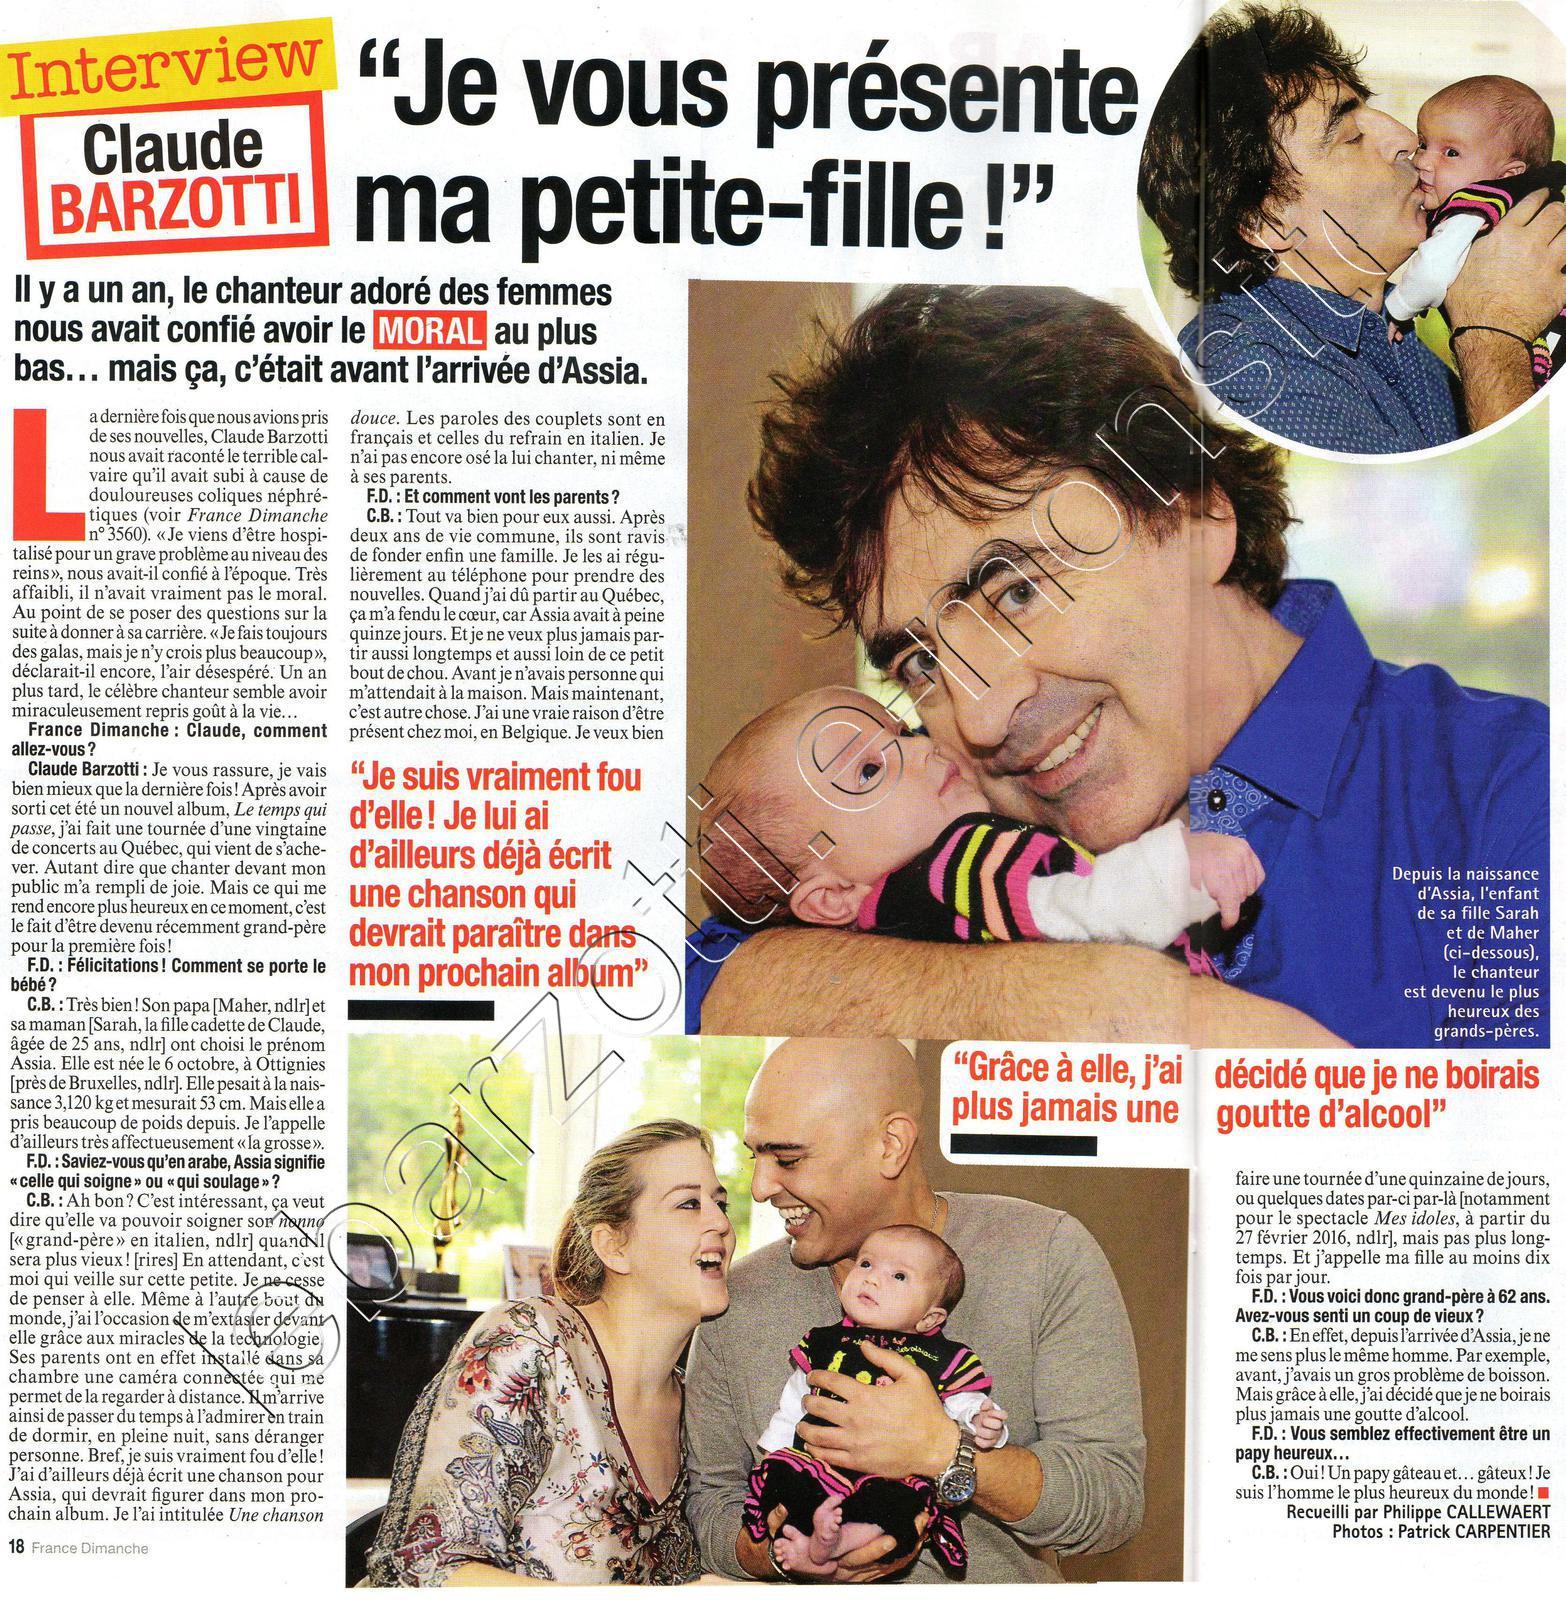 France Dimanche page 18 du 18 décembre 2015